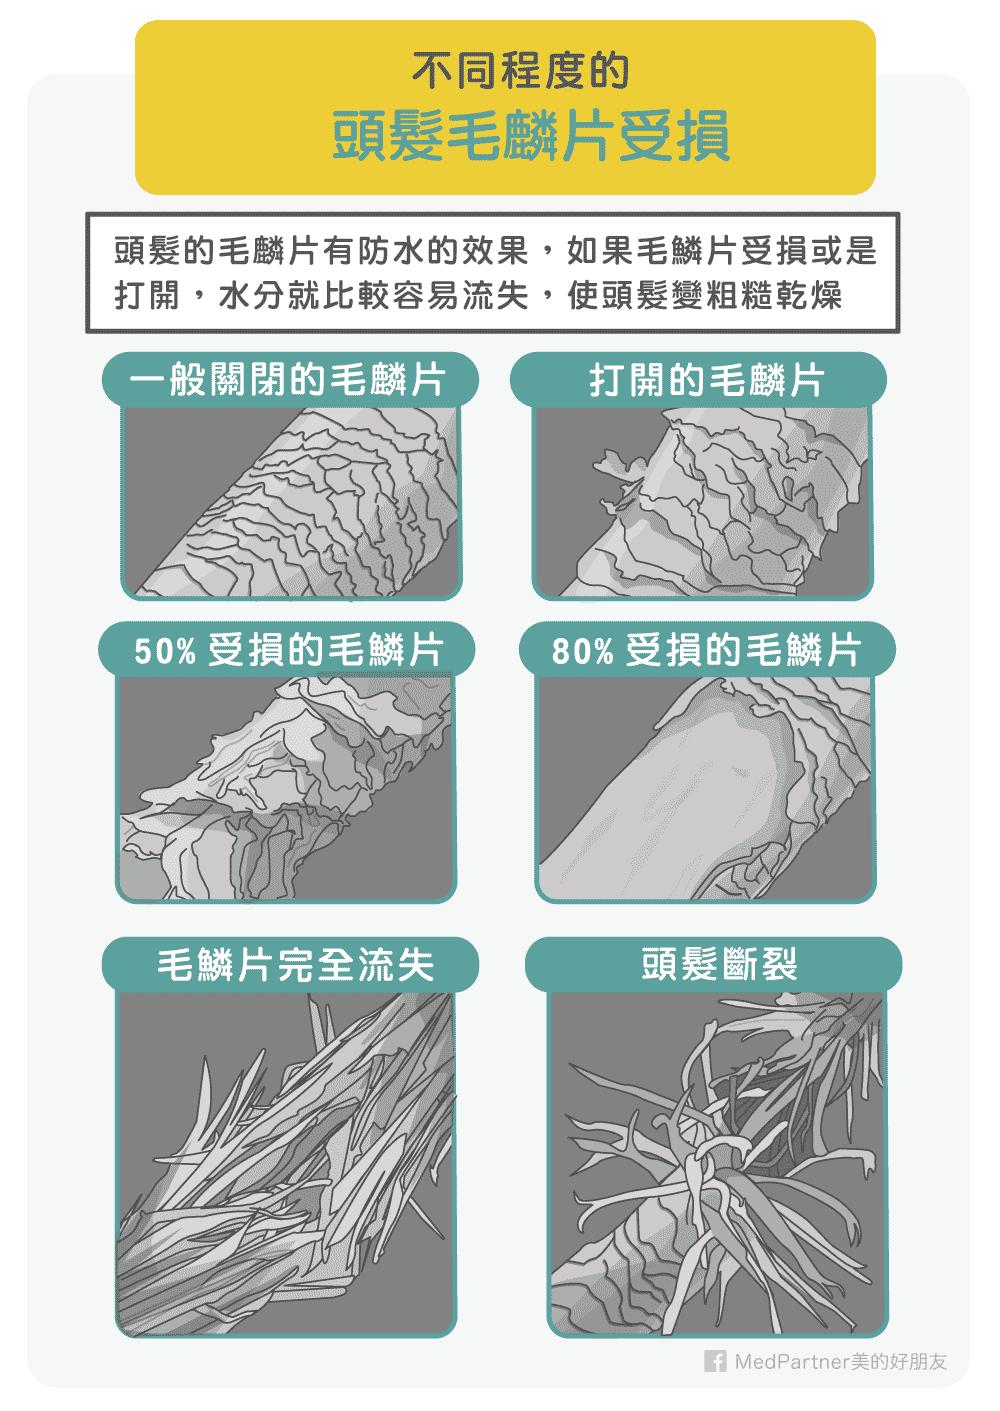 不同頭髮毛鱗片受損程度